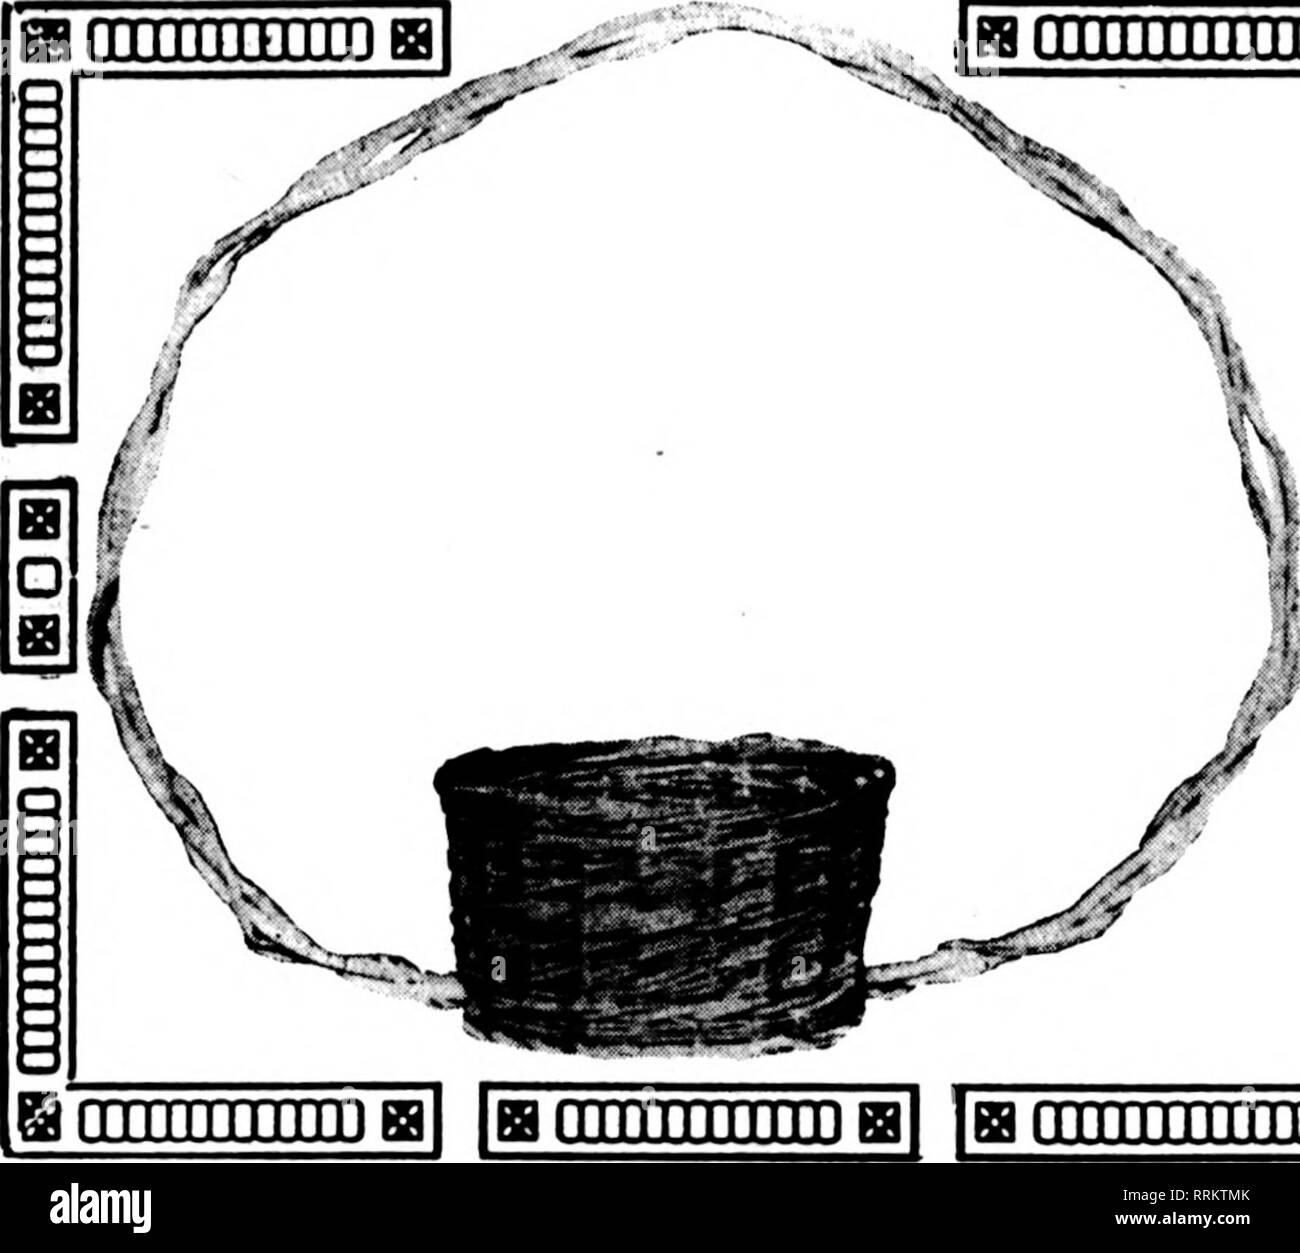 . Fioristi' review [microformati]. Floricoltura. MAUcii'l, 1917. I fioristi^ Rassegna 27. jBfiiiiniiiiiiiffll iffliiimiiiiiri] lamiiiiiiiiiiiffll Iffliiiiiiiiiiiiiiffl] Iffluiiimiiiiiia un Seasonable Snap ora è il momento di ottenere il vostro approvvigionamento di cestelli per la minore, early-fiori di primavera e la lampadina stock, come i tulipani, giacinti, Jonquils, ecc. Questi eccellenti qualità di cestelli sono proprio ciò che si desidera per la propria linea di piante soring. Realizzato su misura per tre quarti e i formati standard di 6 pollici e 6 pollici, 7 pollici e 8 pollici pentole. Una necessità per il fioraio vendita di piante in vaso. 1 dozzina per $4.20 2 dozzina per $8 Foto Stock